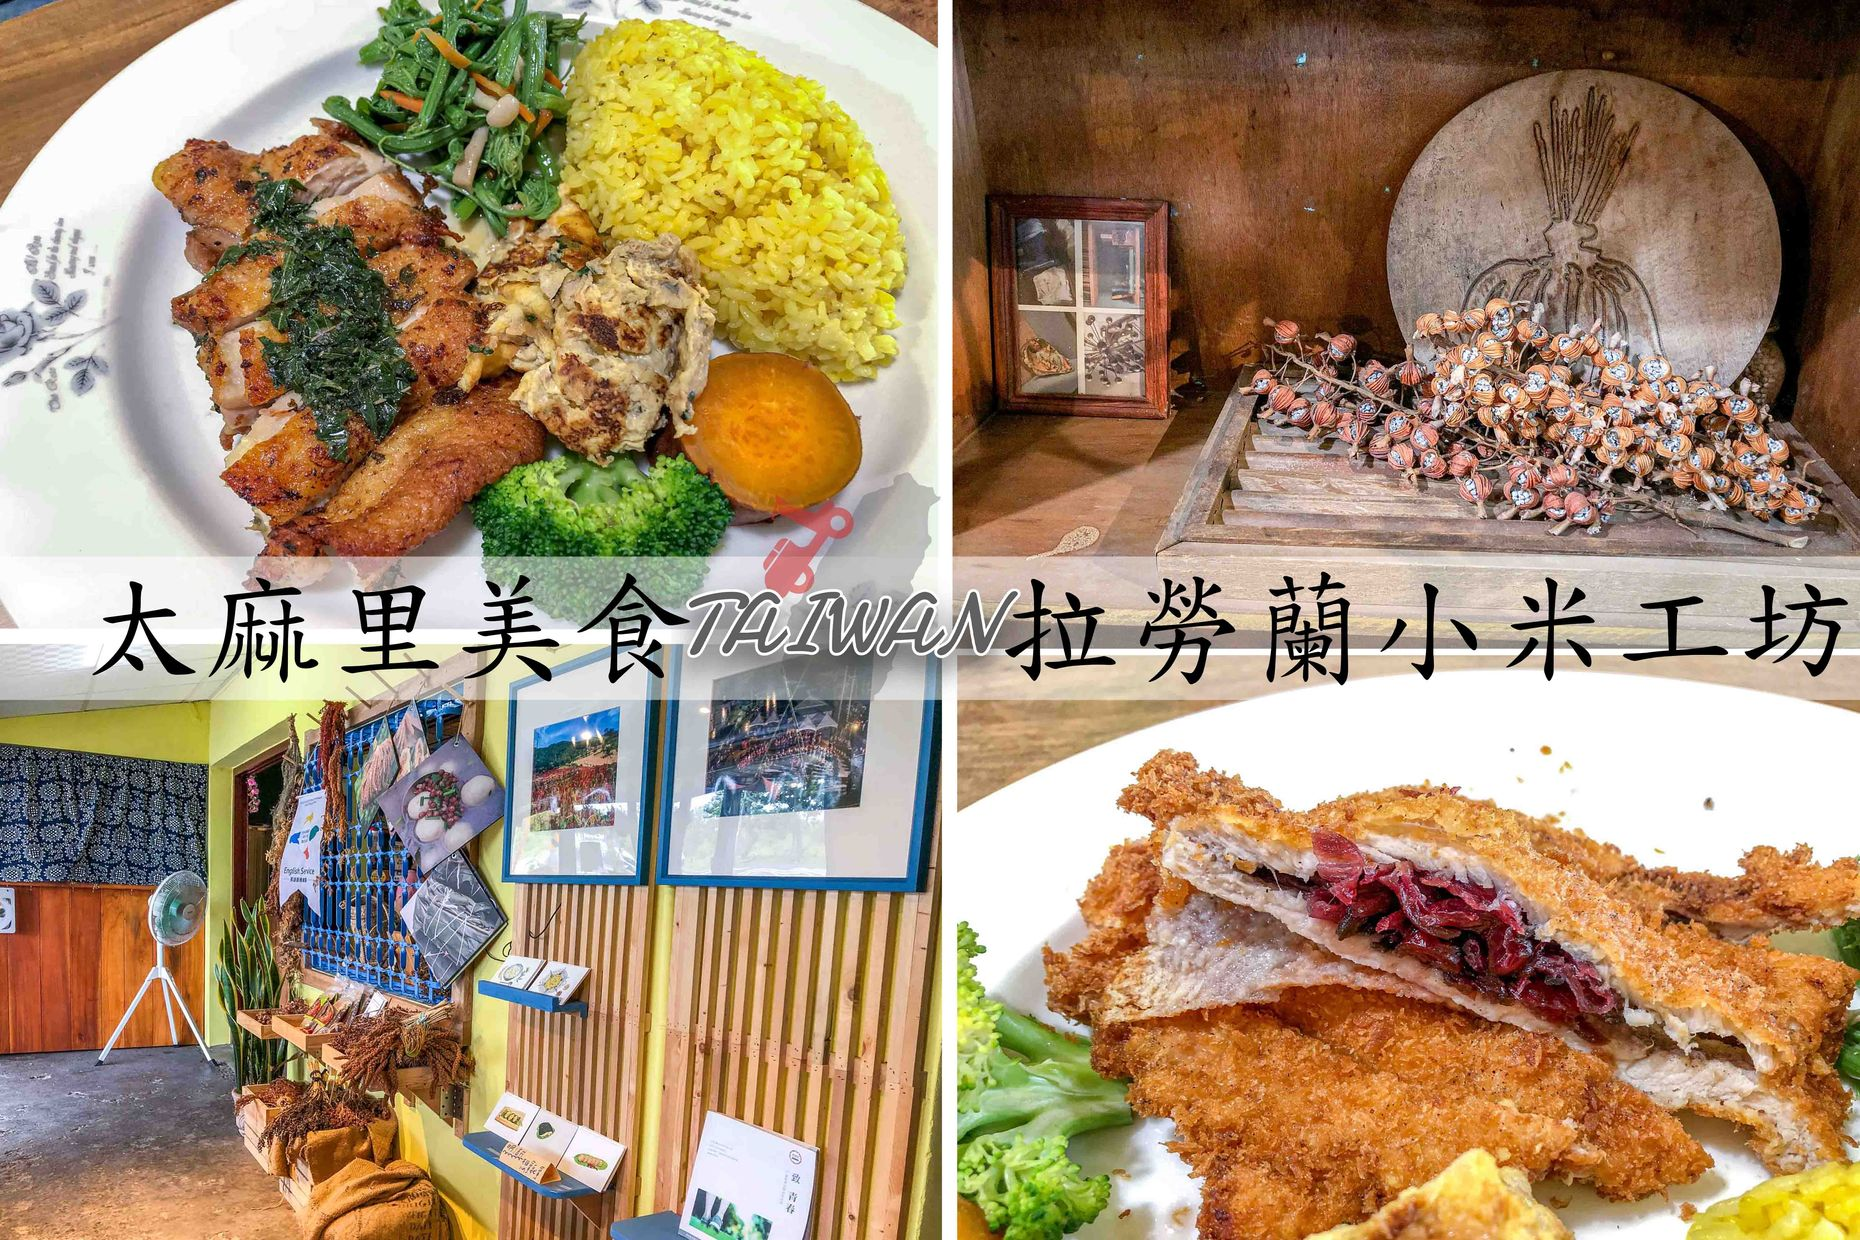 太麻里香蘭「拉勞蘭小米工坊」來自大地的部落美食饗宴,讓人沉靜又放鬆,環境菜單、心得評價分享